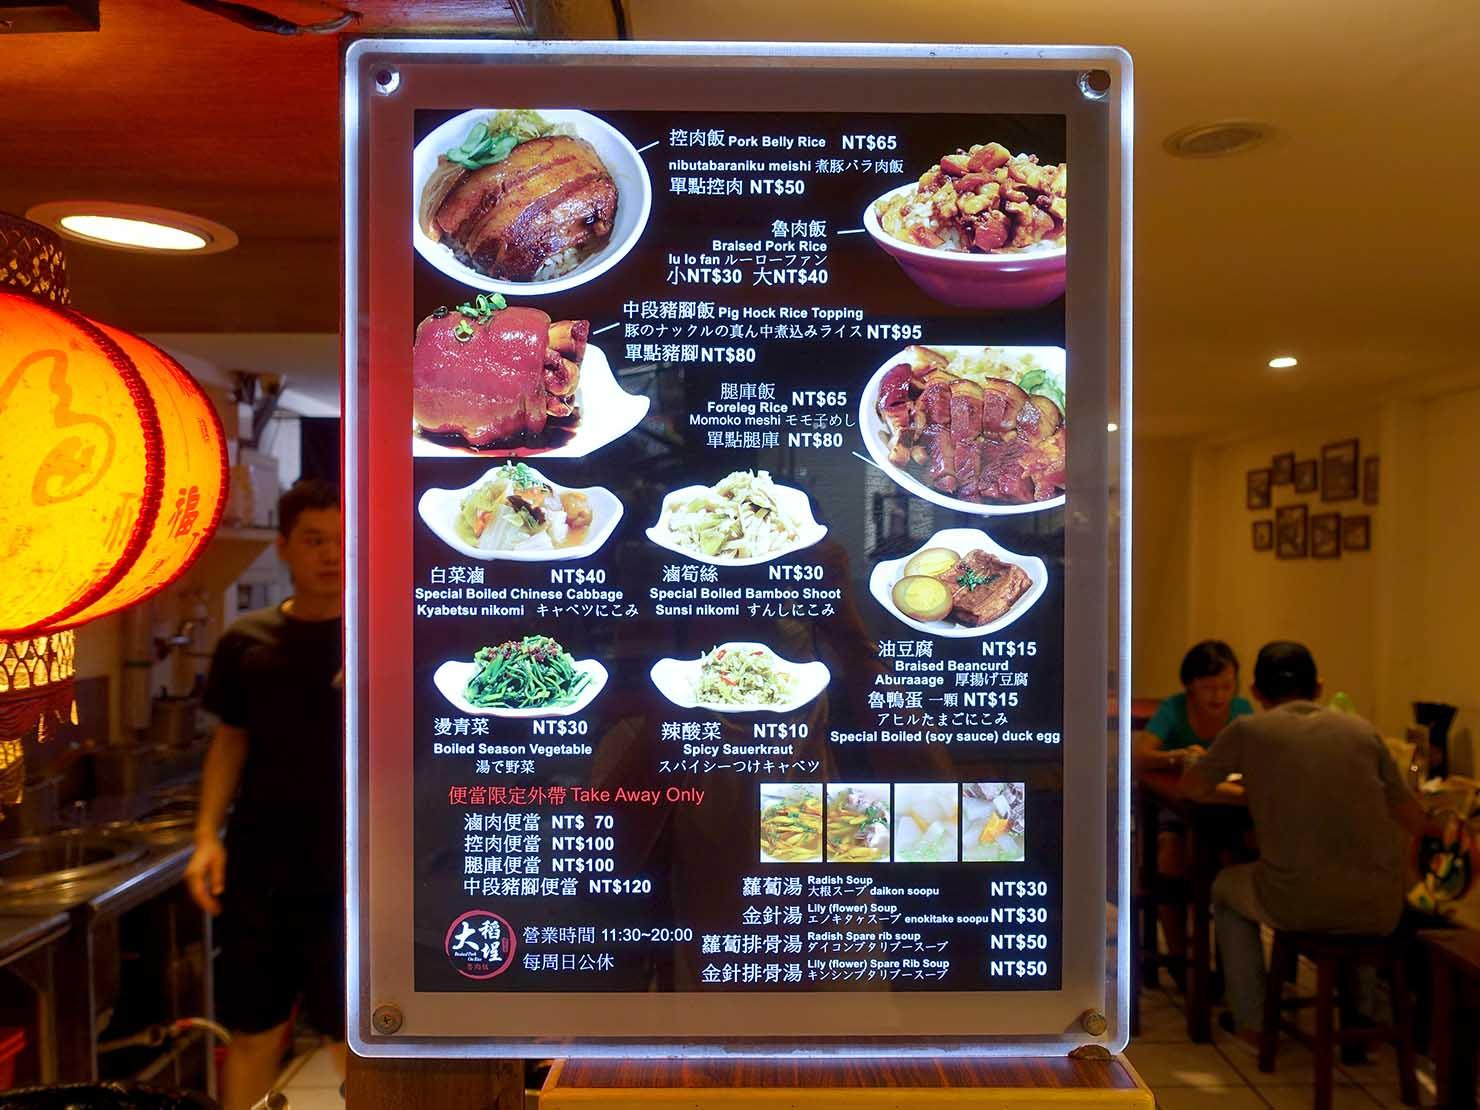 台北駅裏エリア(後站)のおすすめグルメ店「大稻埕魯肉飯」のメニュー